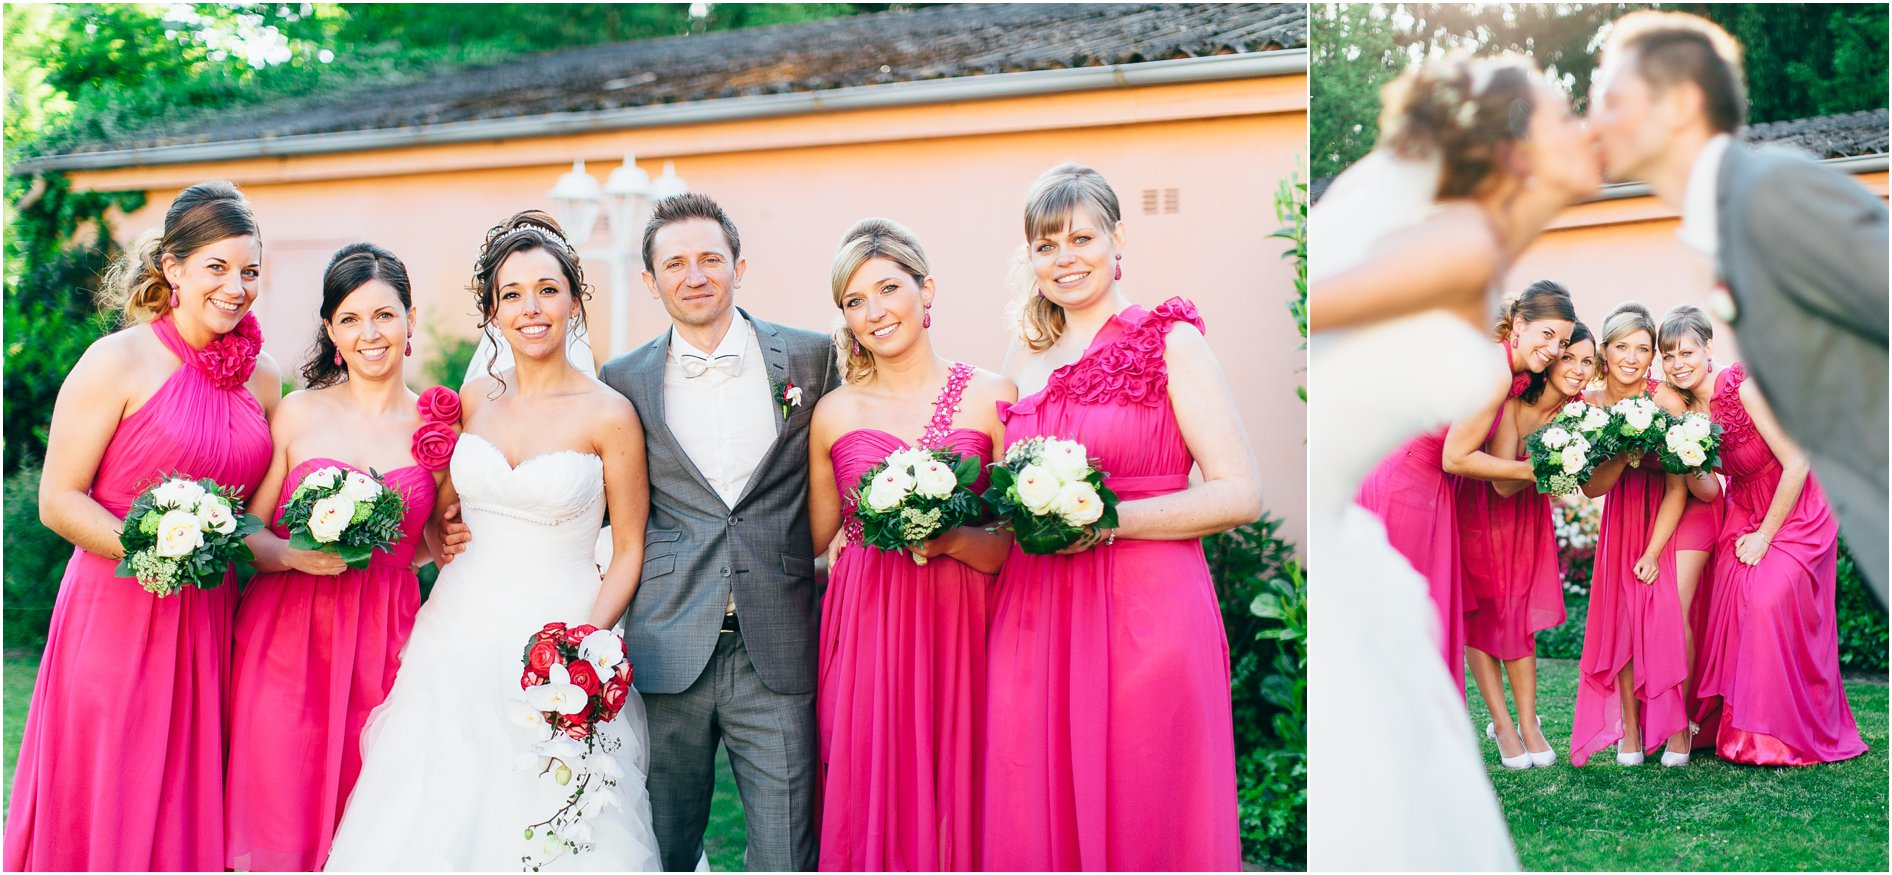 2014-07-16_0212 Anna & Igor - Hochzeitsfotograf in Bremen